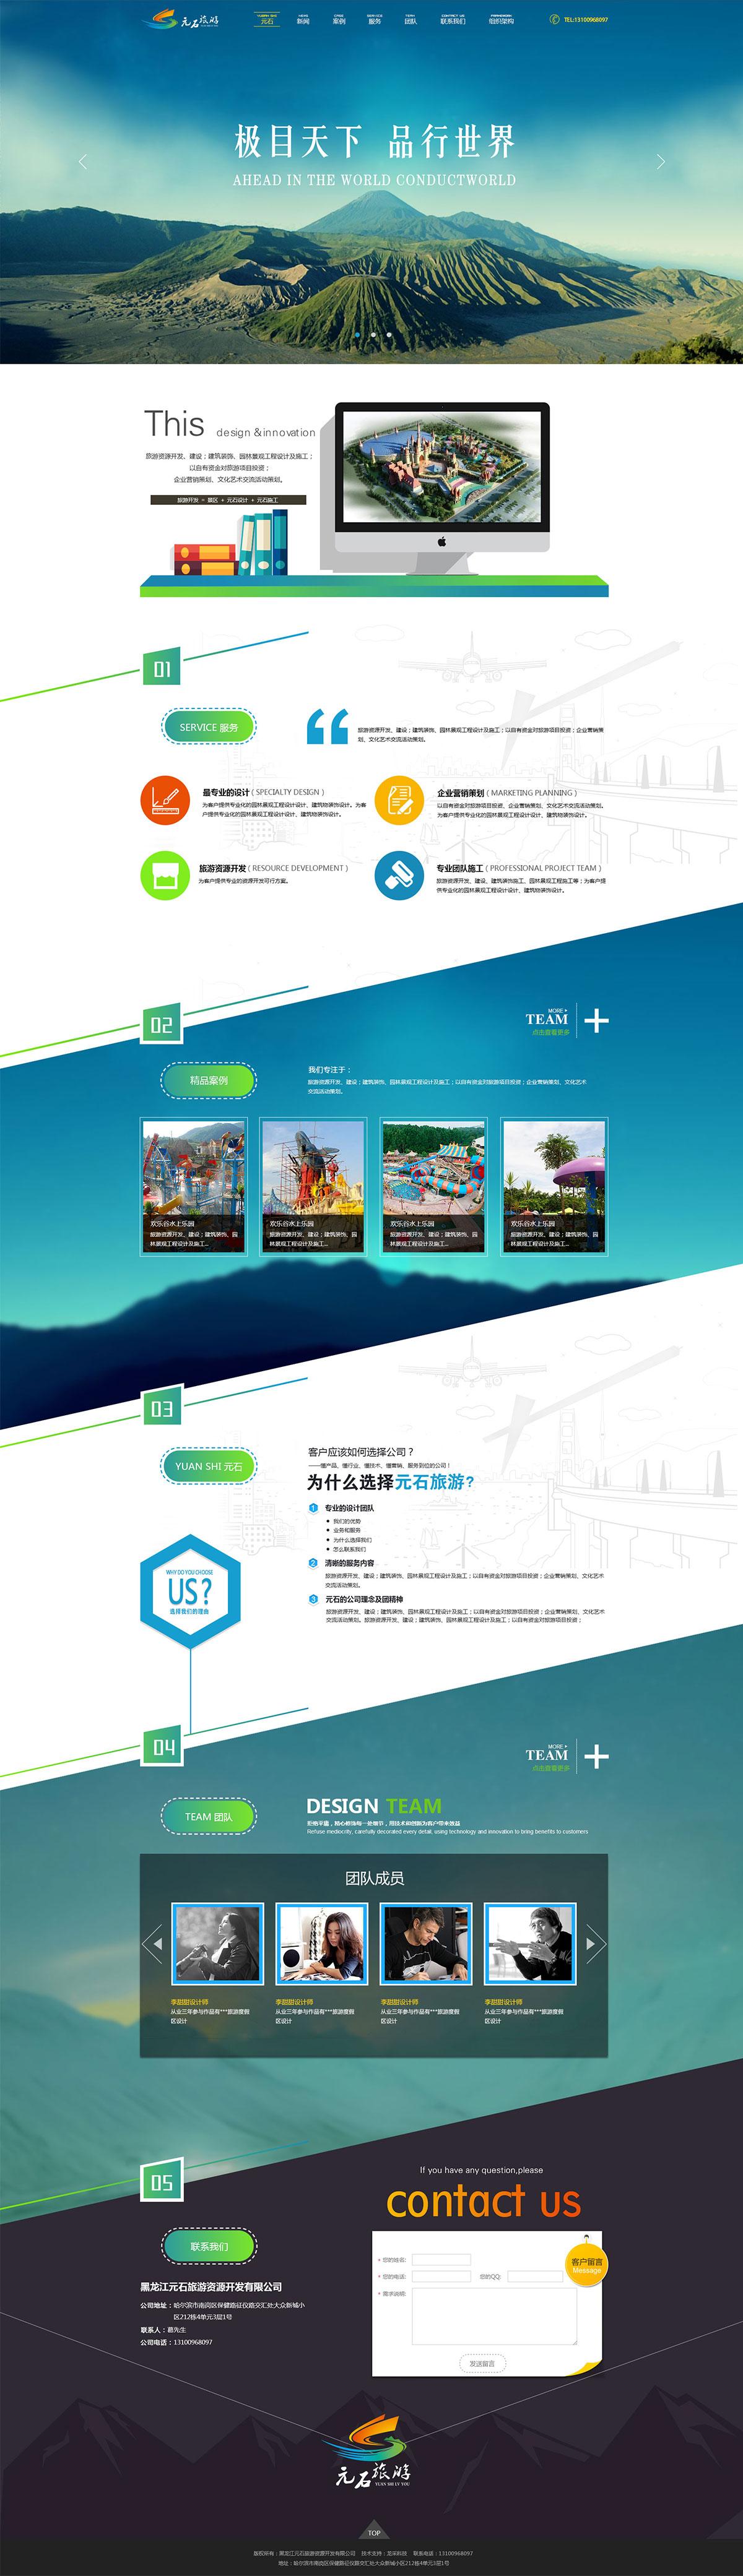 黑龙江元石旅游资源开发有限